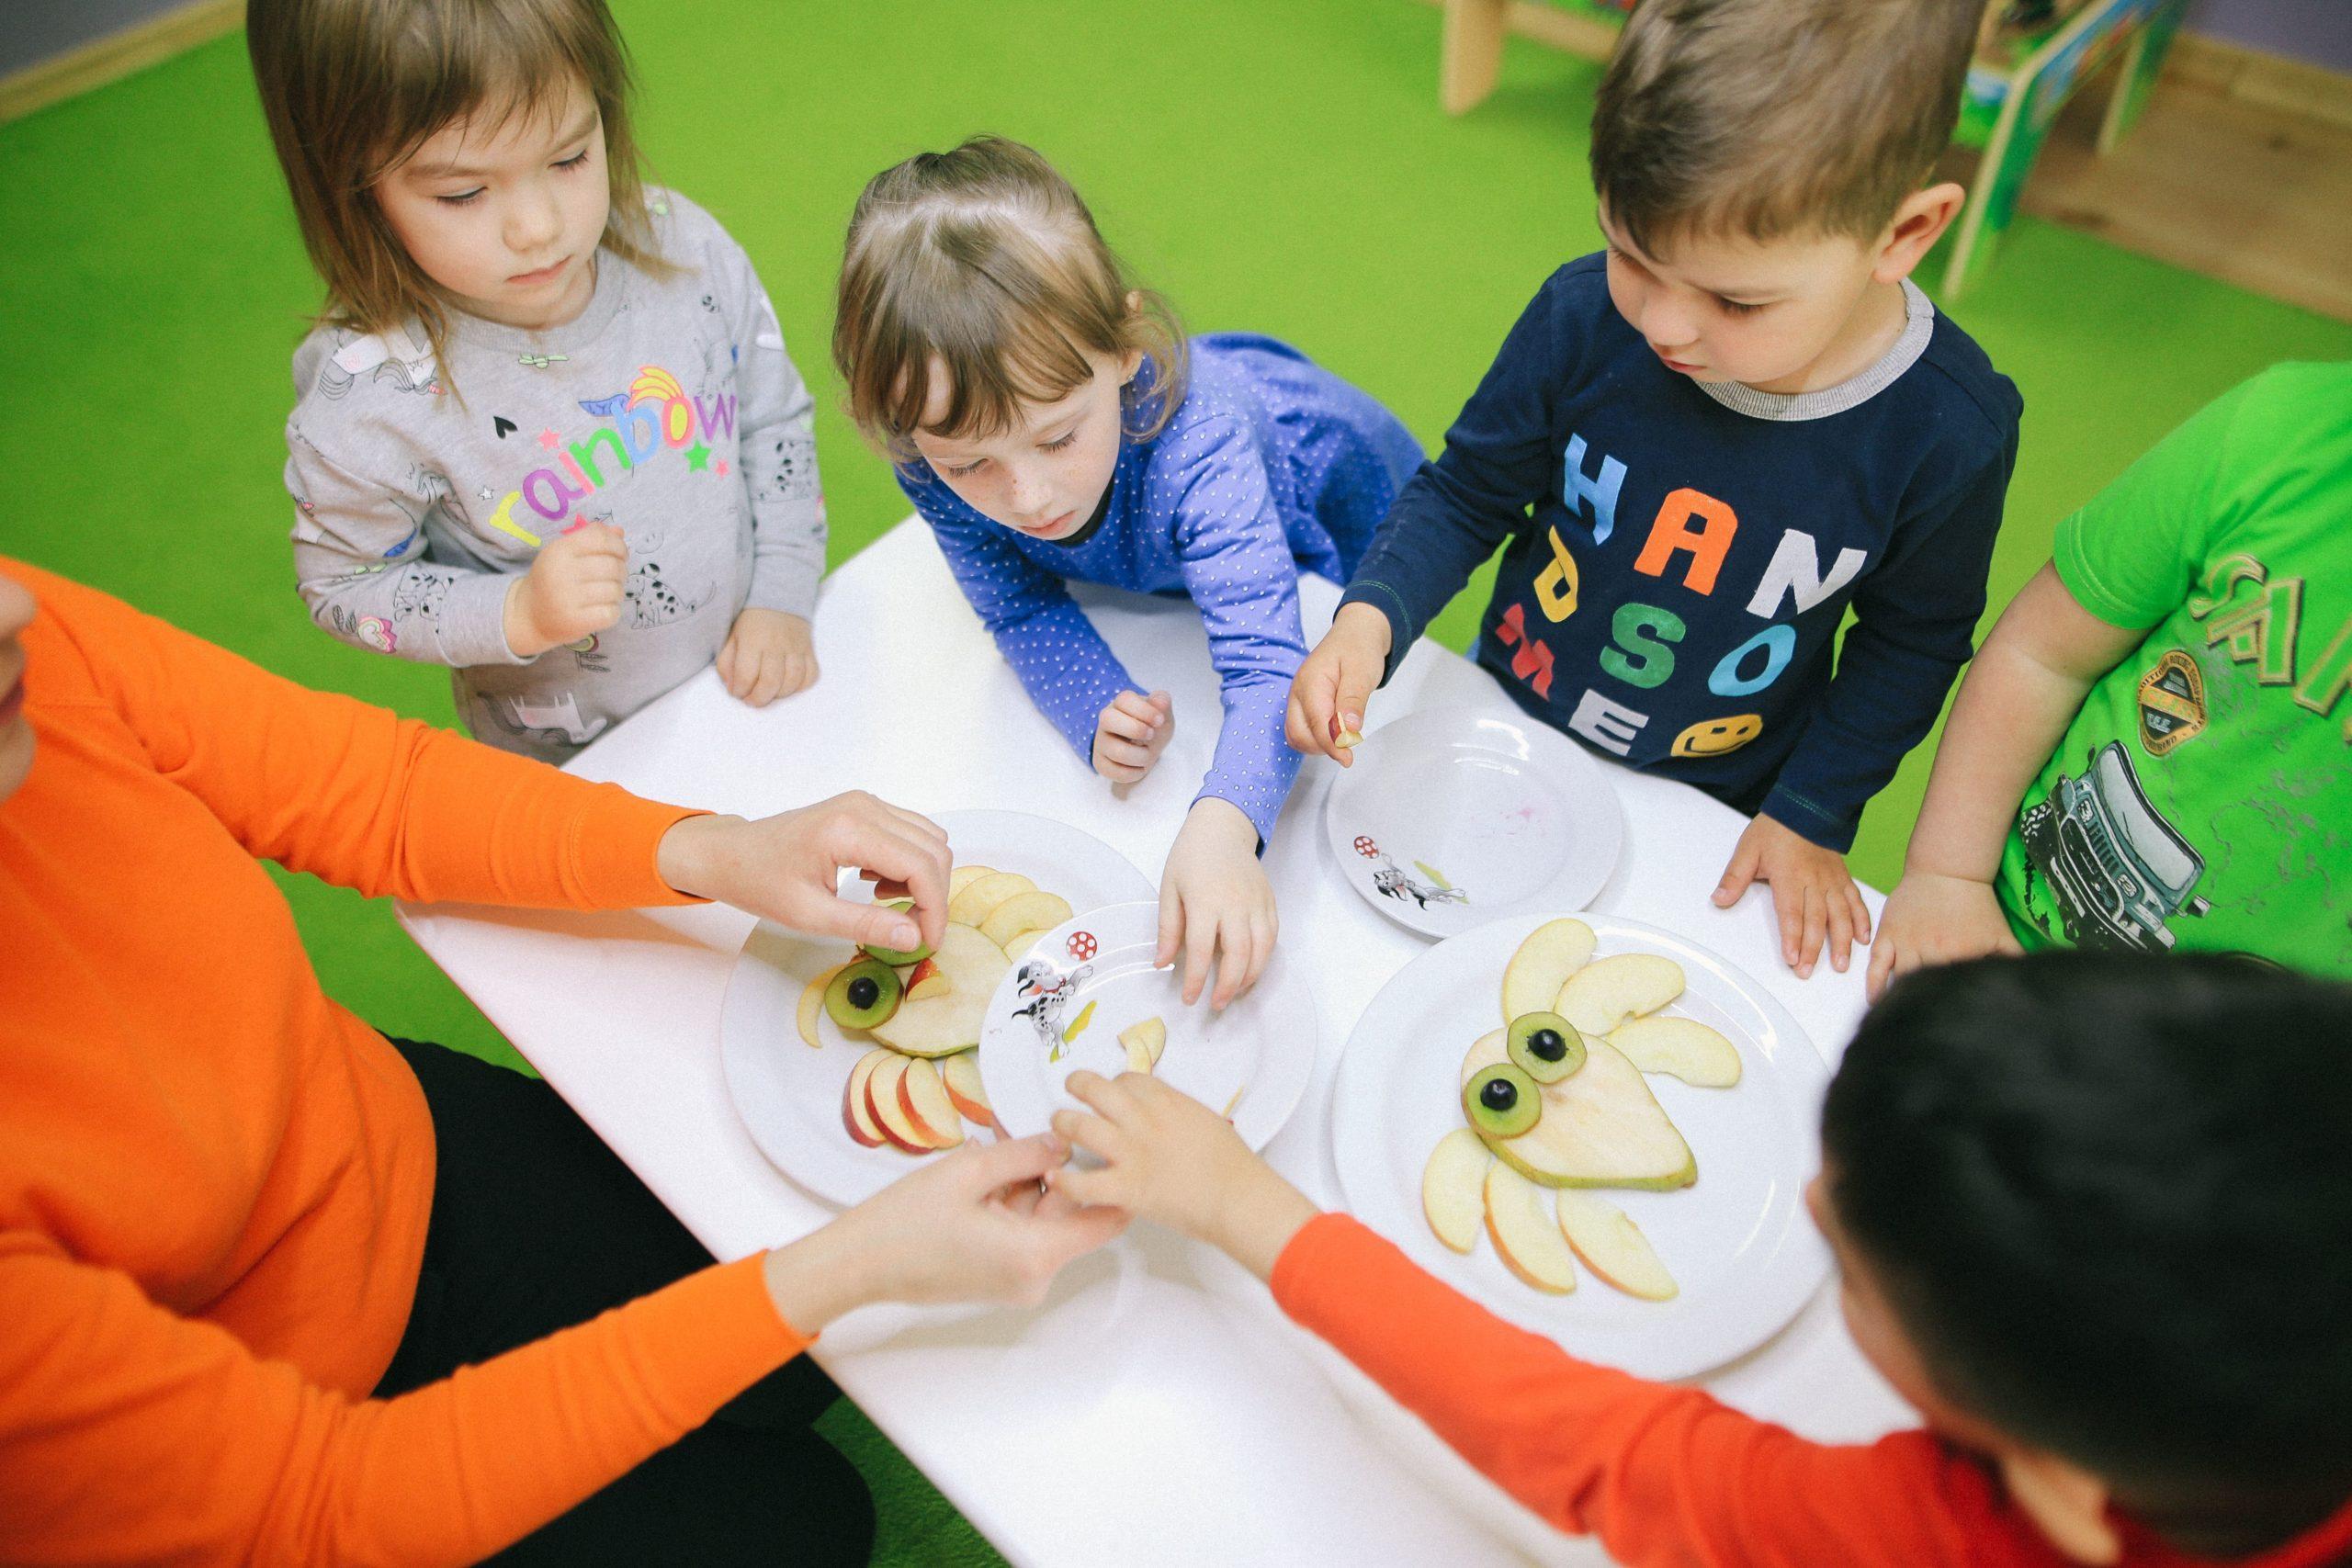 Здорове харчування діток